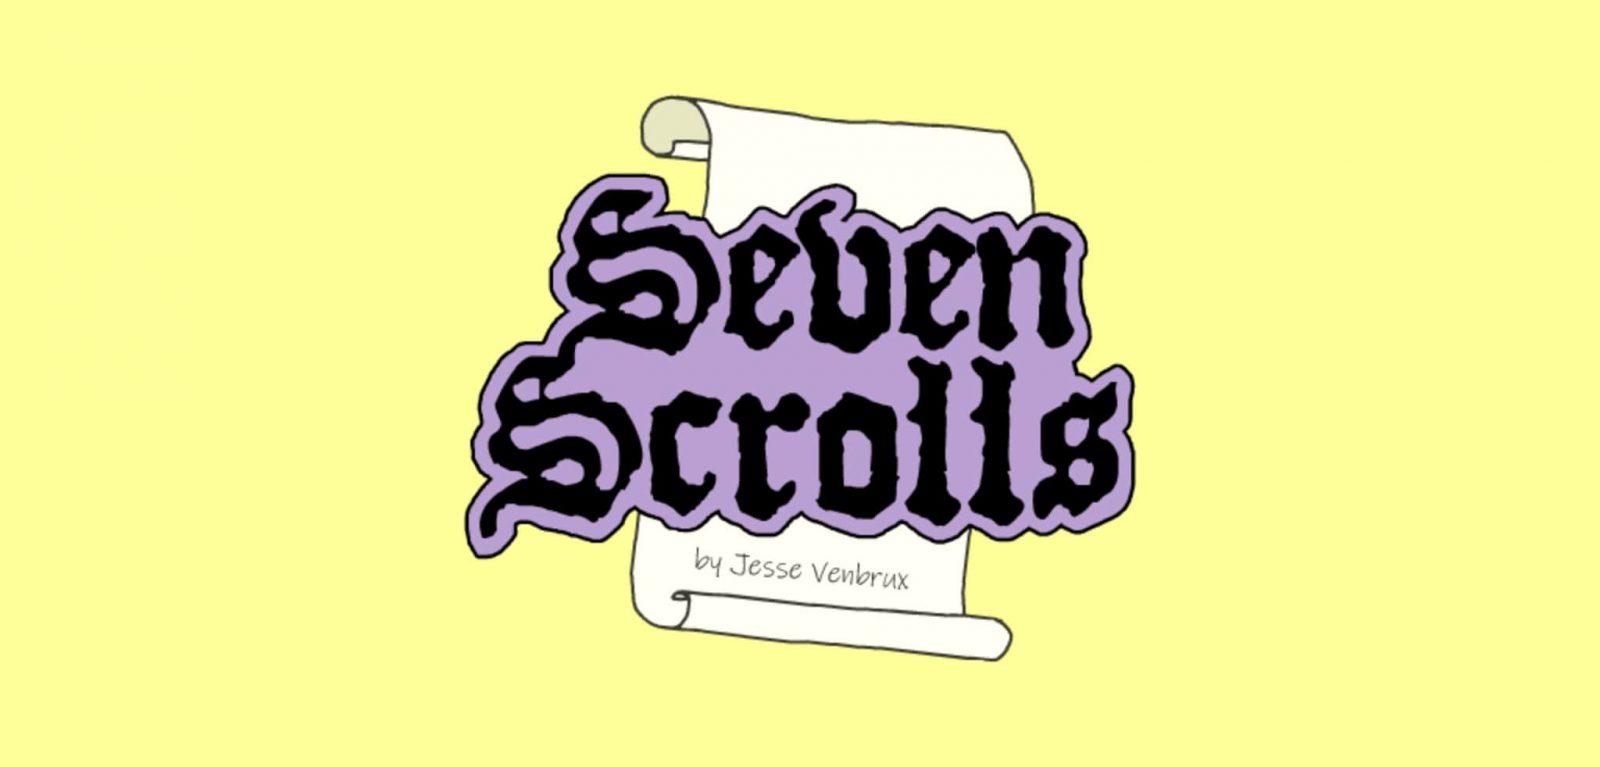 Новая инди игра - Seven Scrolls